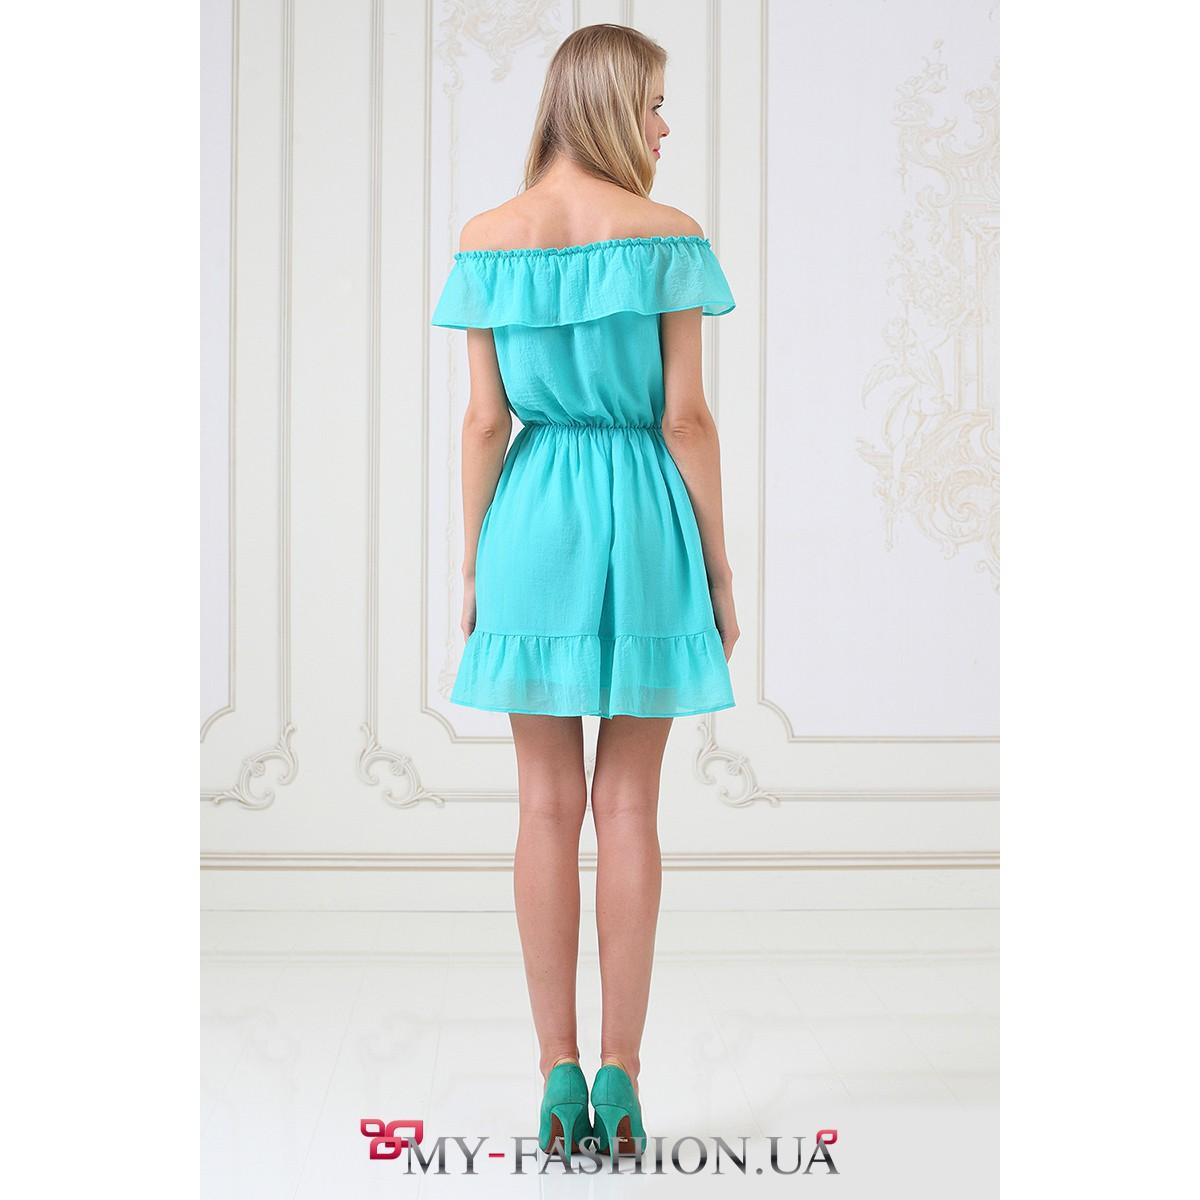 Платье цвета мяты купить недорого